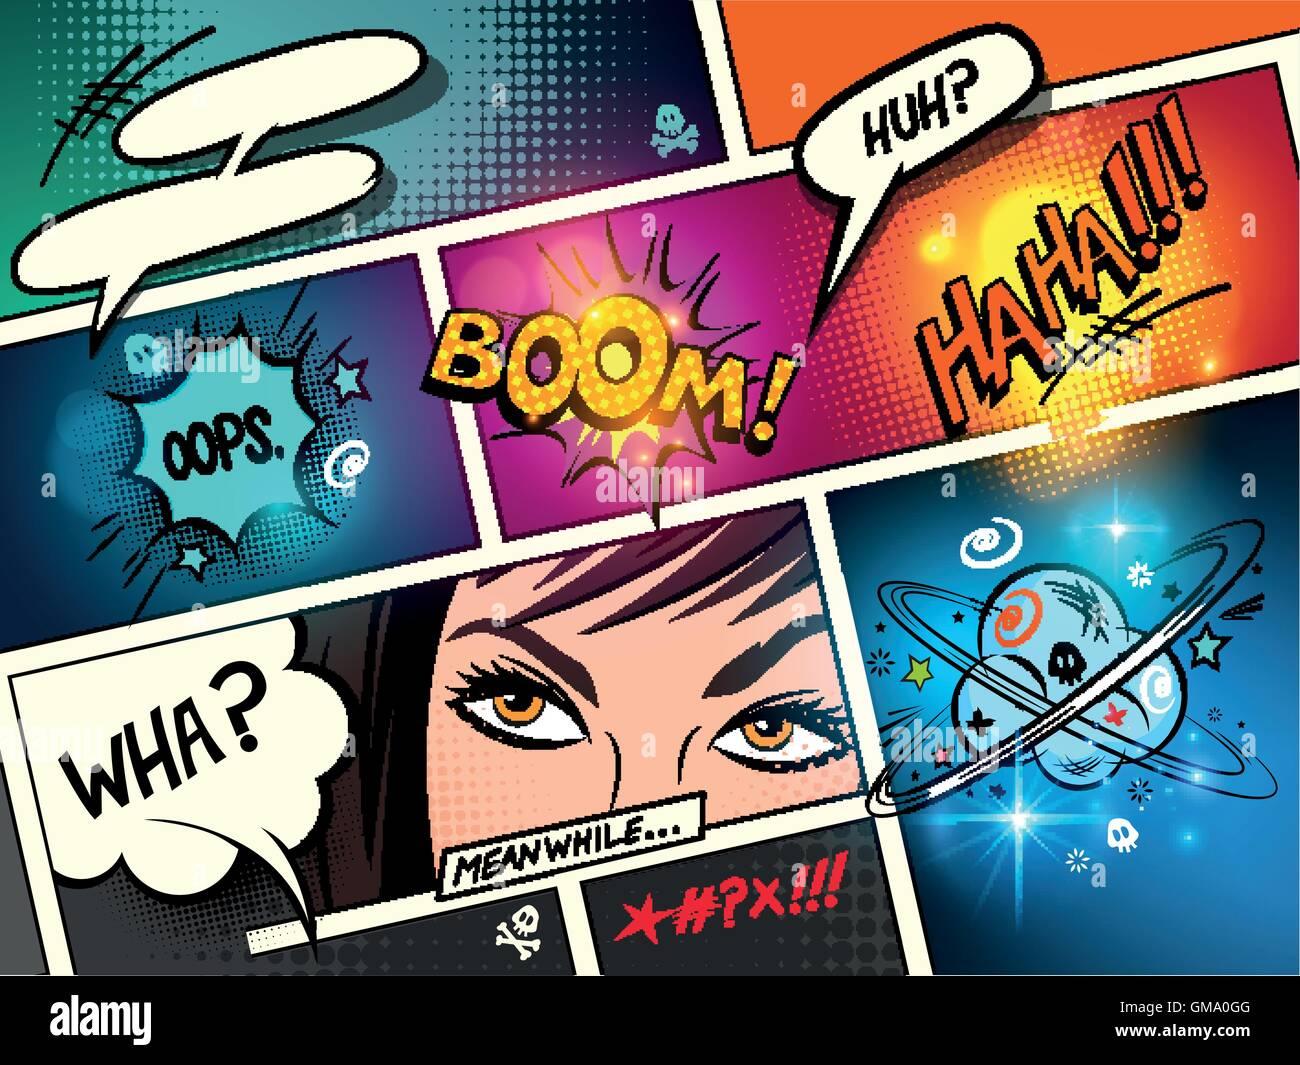 Sprechblasen auf einem Comic-Strip-Hintergrund mit Cartoon-Aktionen. Vektor-illustration Stockbild